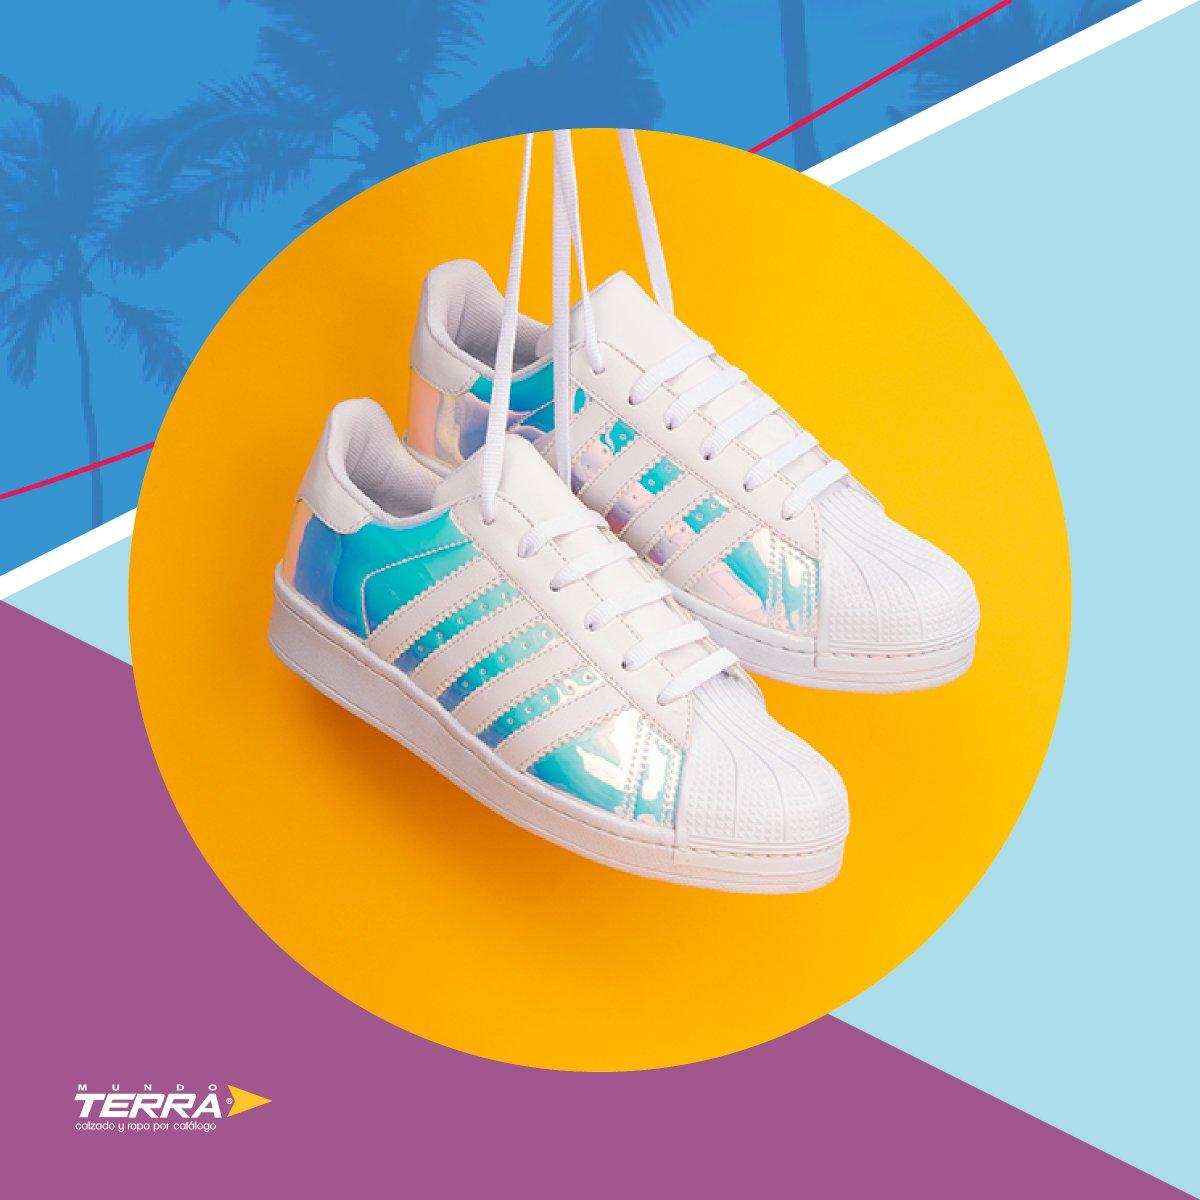 Los sneakers seguirán siendo tendencia esta temporada, sumando más colores tornasoles para darle un look único. ¿Tu también los amas? https://t.co/2aSBQXqjeP